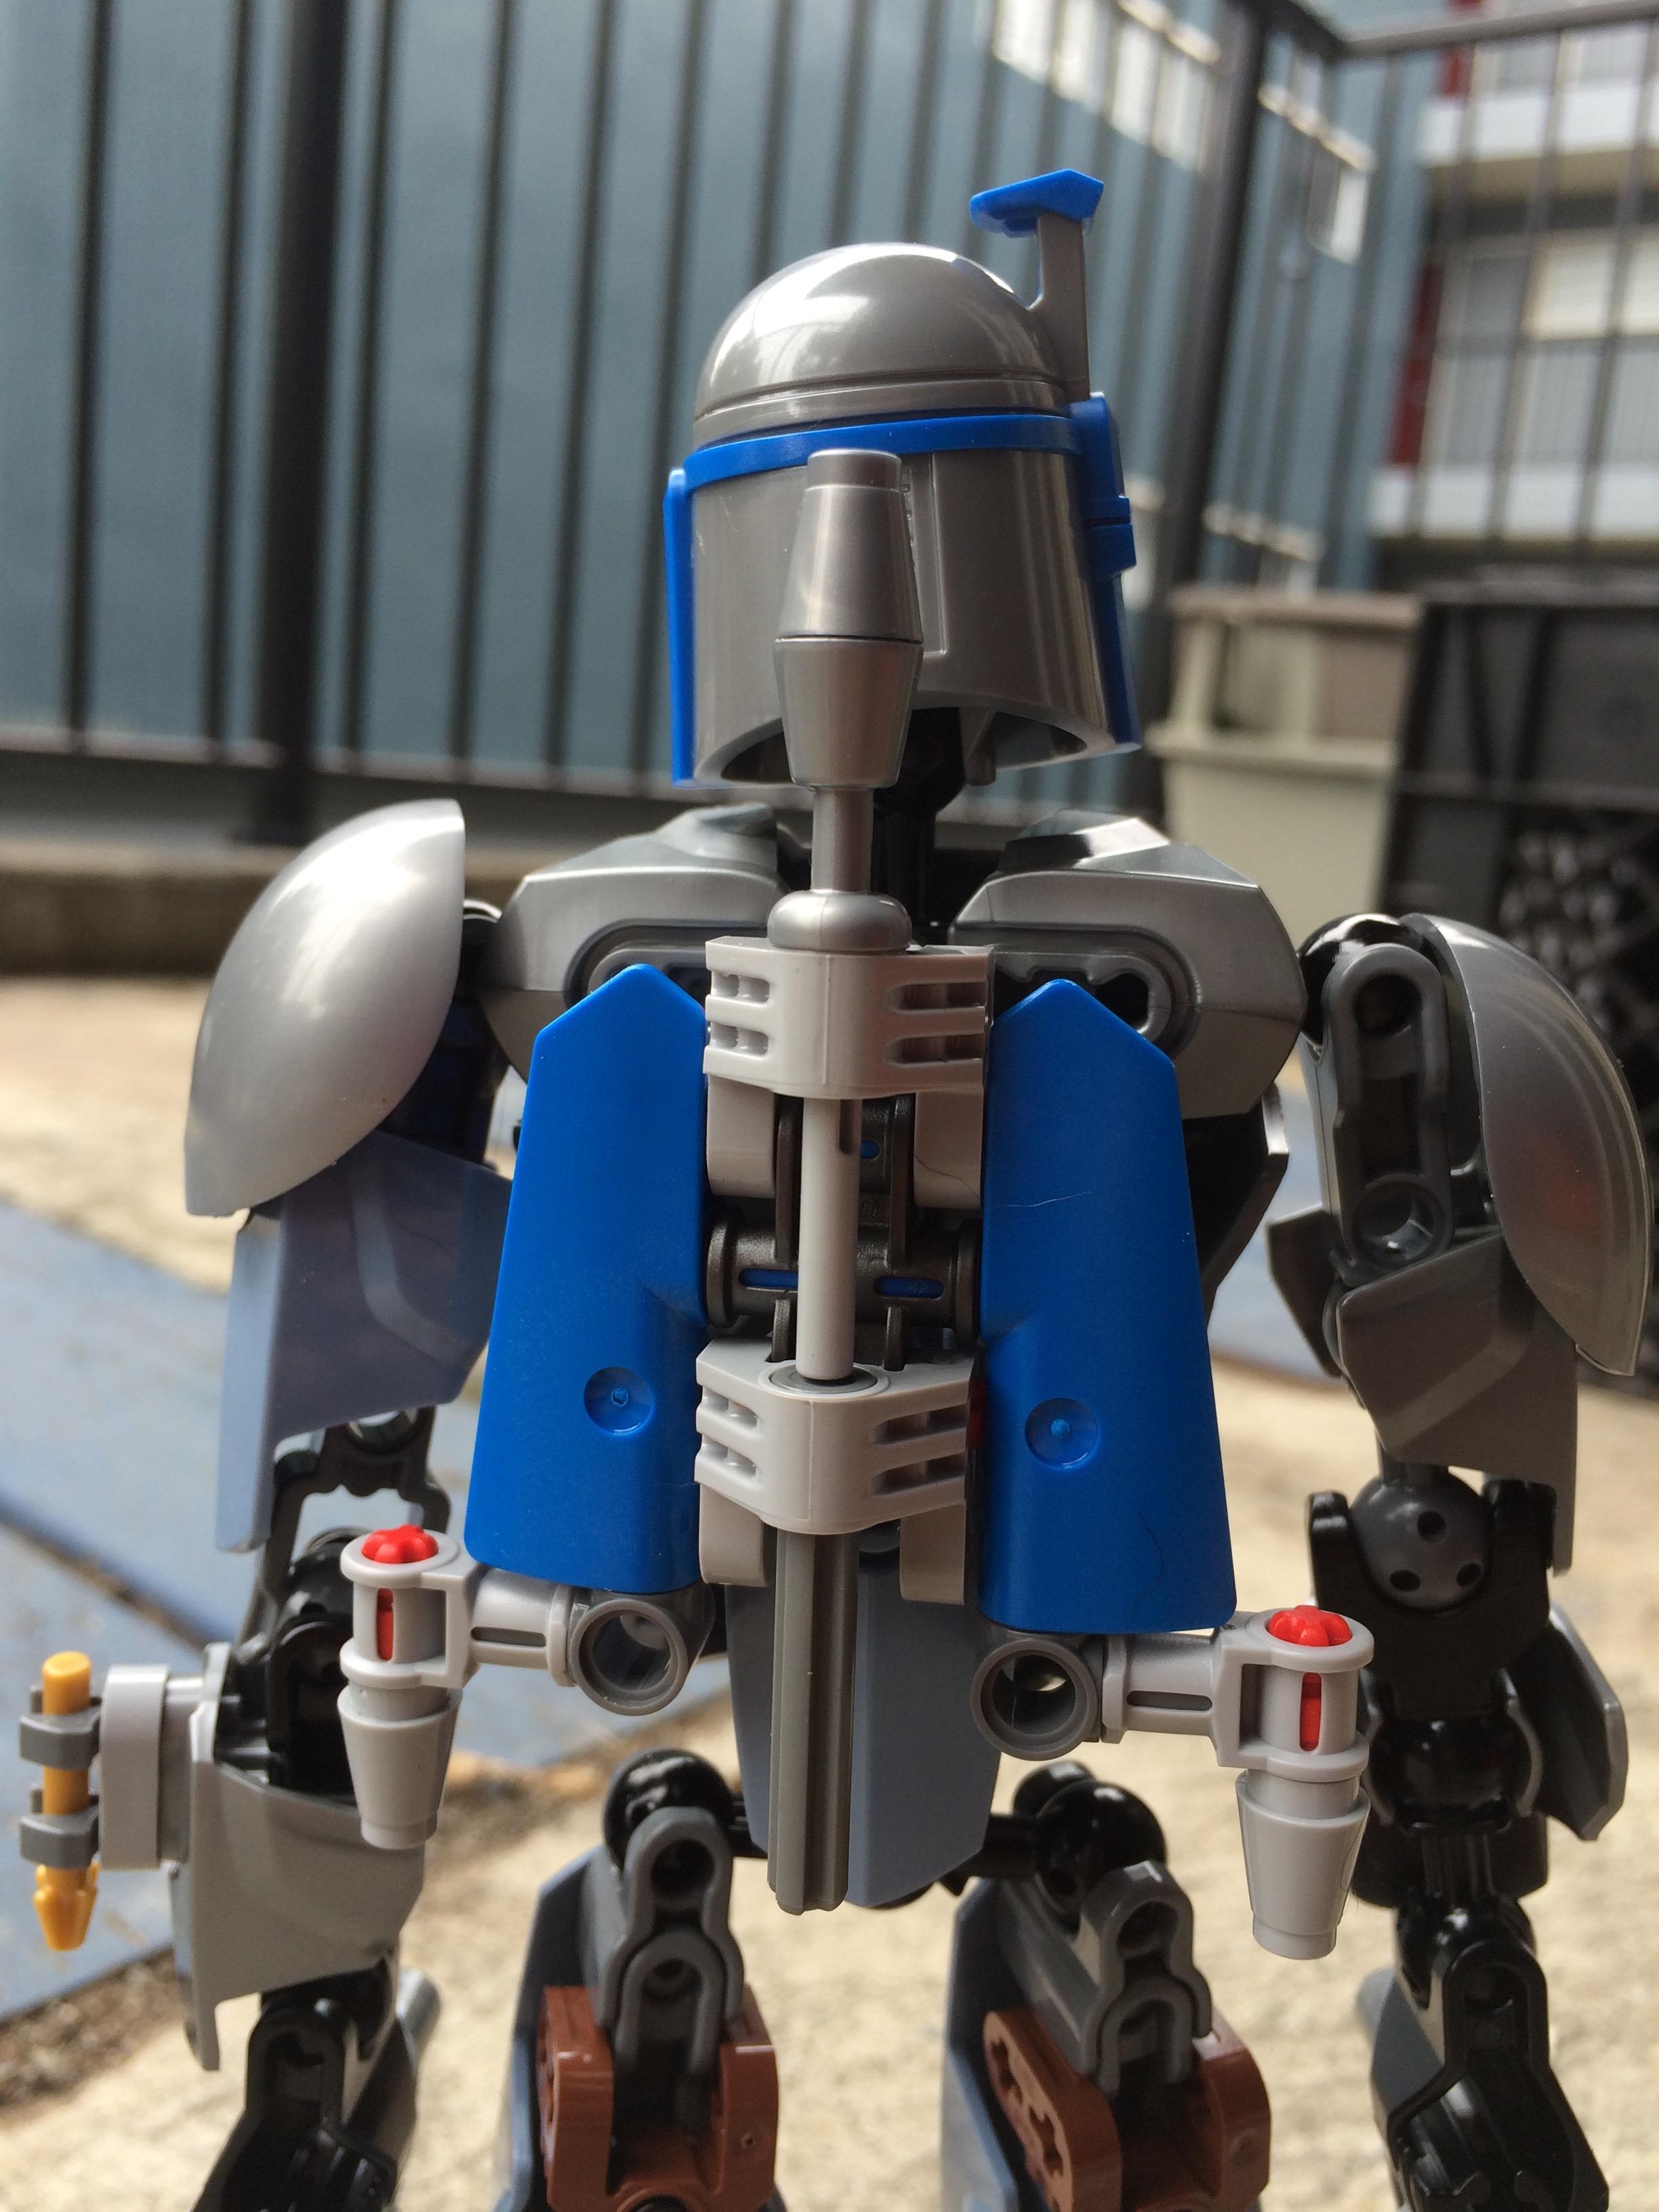 Lego boba fett back detail